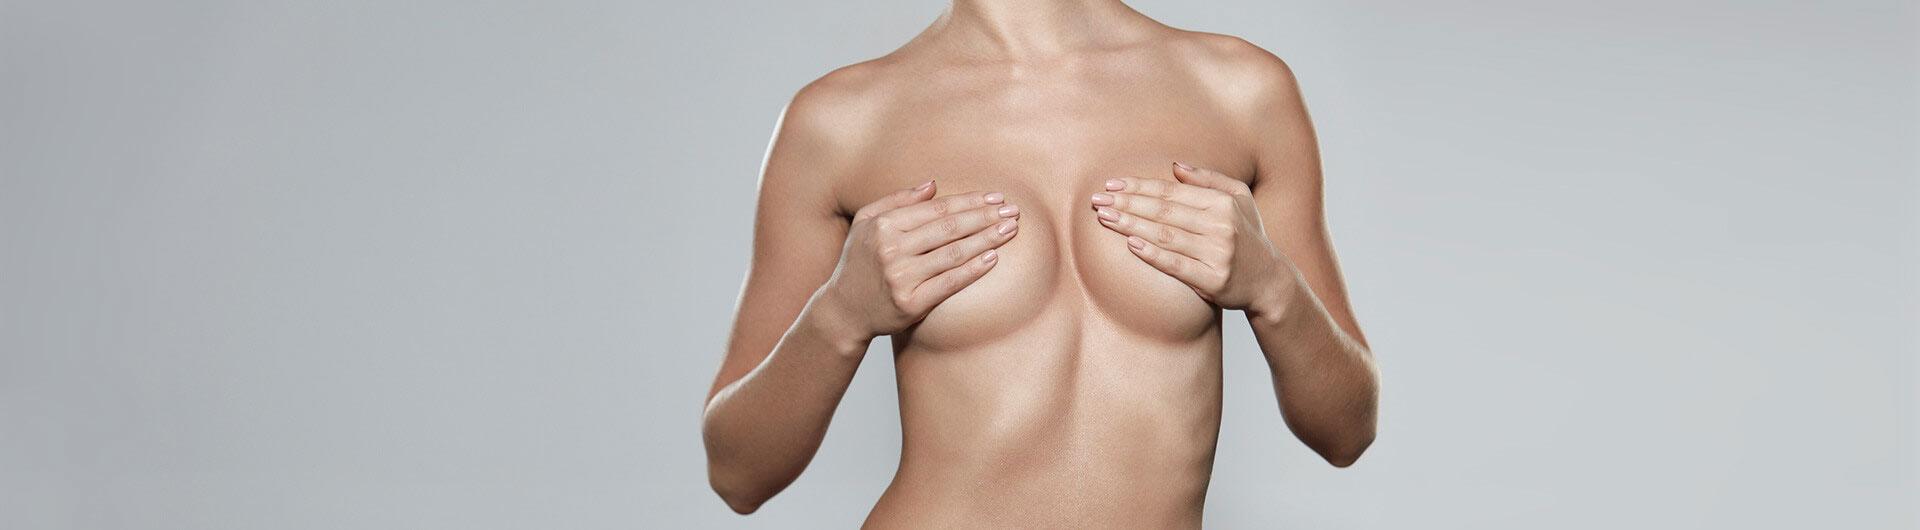 Brustchirurgie München – für eine schöne Brust   Nymphenburger Praxis